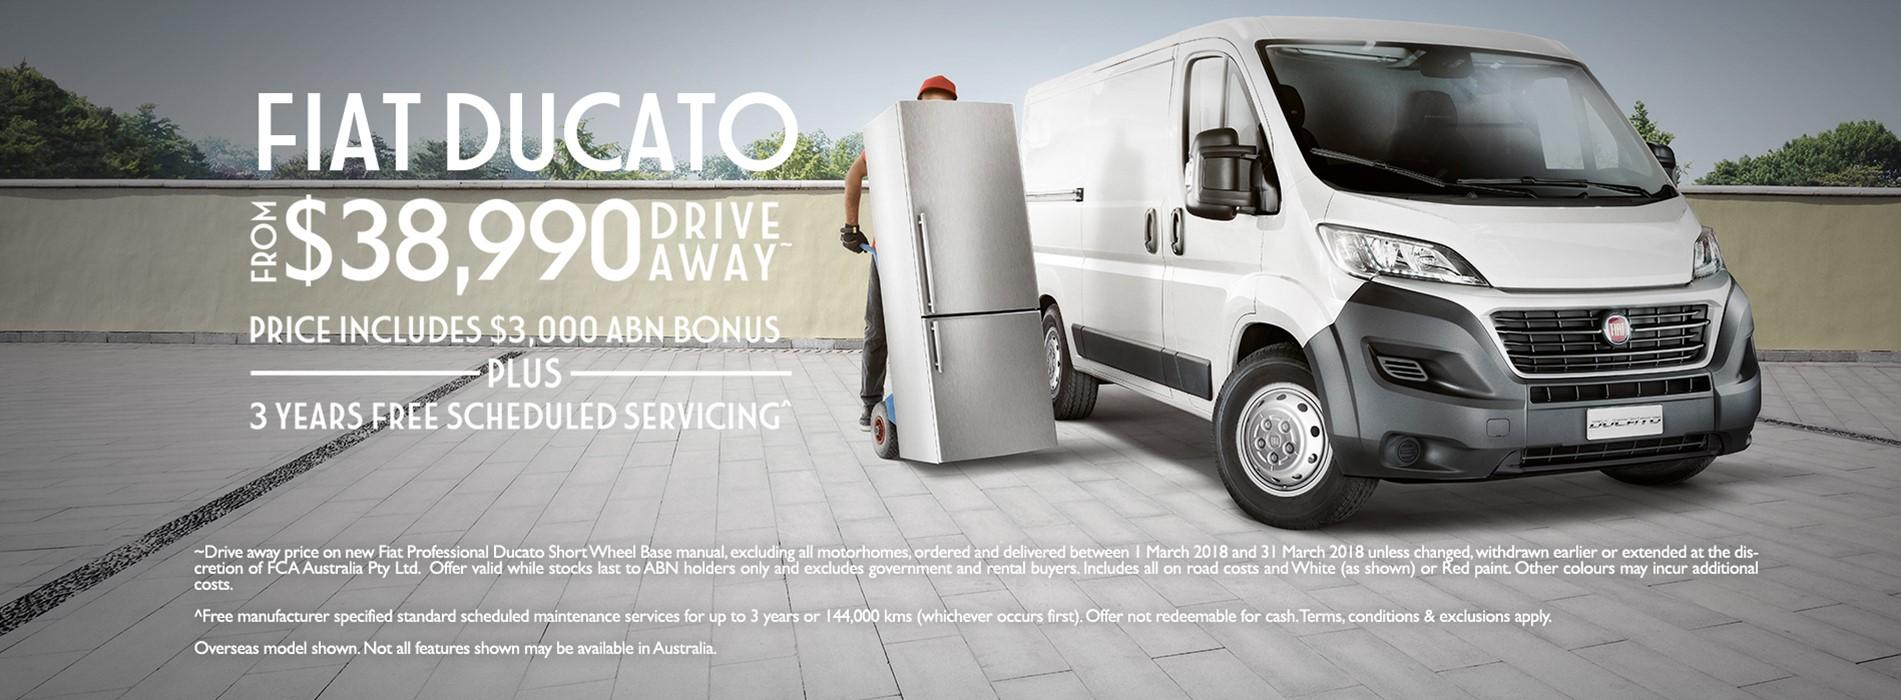 Ducato Offer